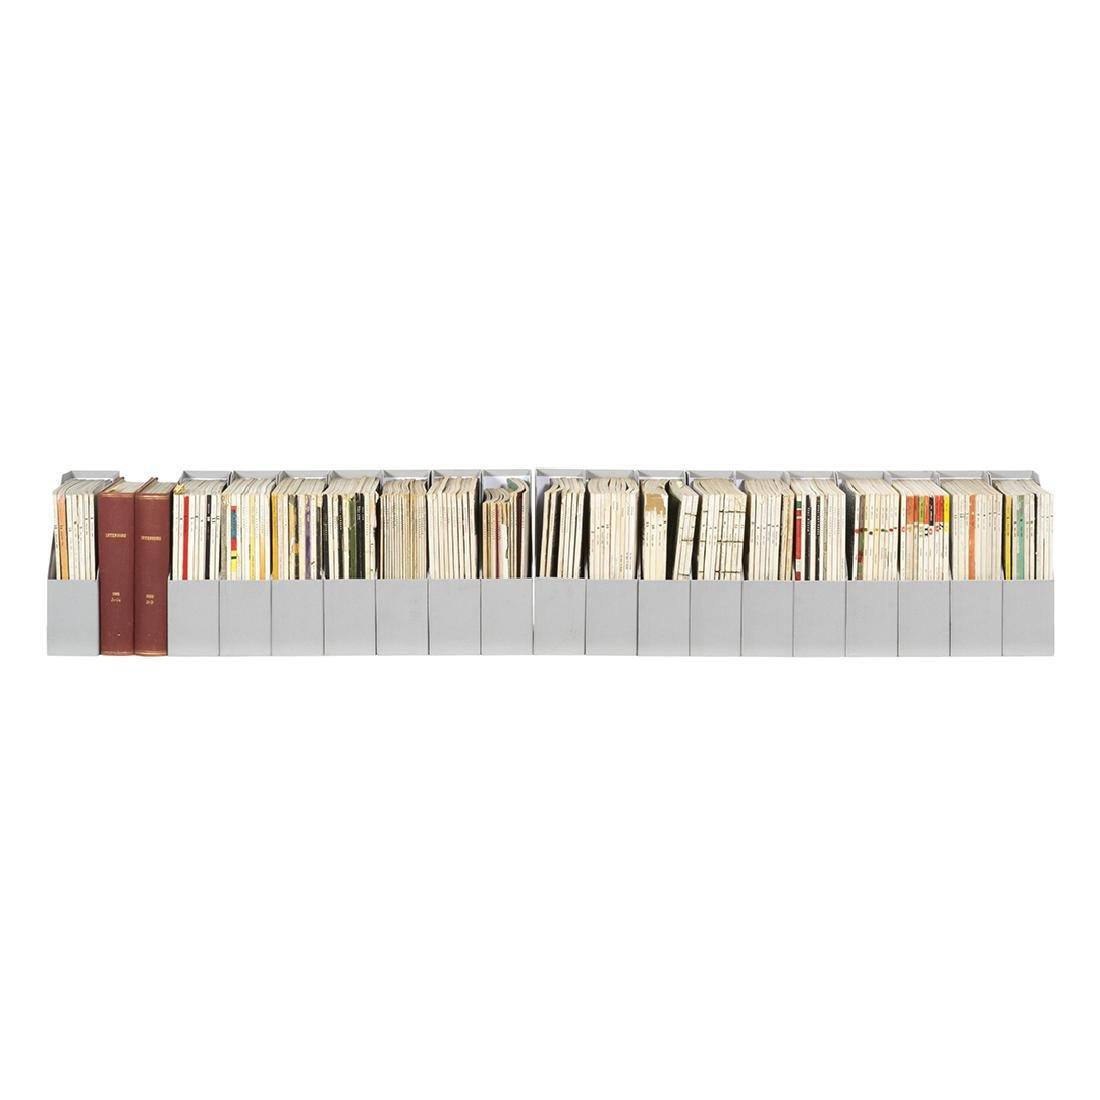 Interiors Magazines 1942-1971